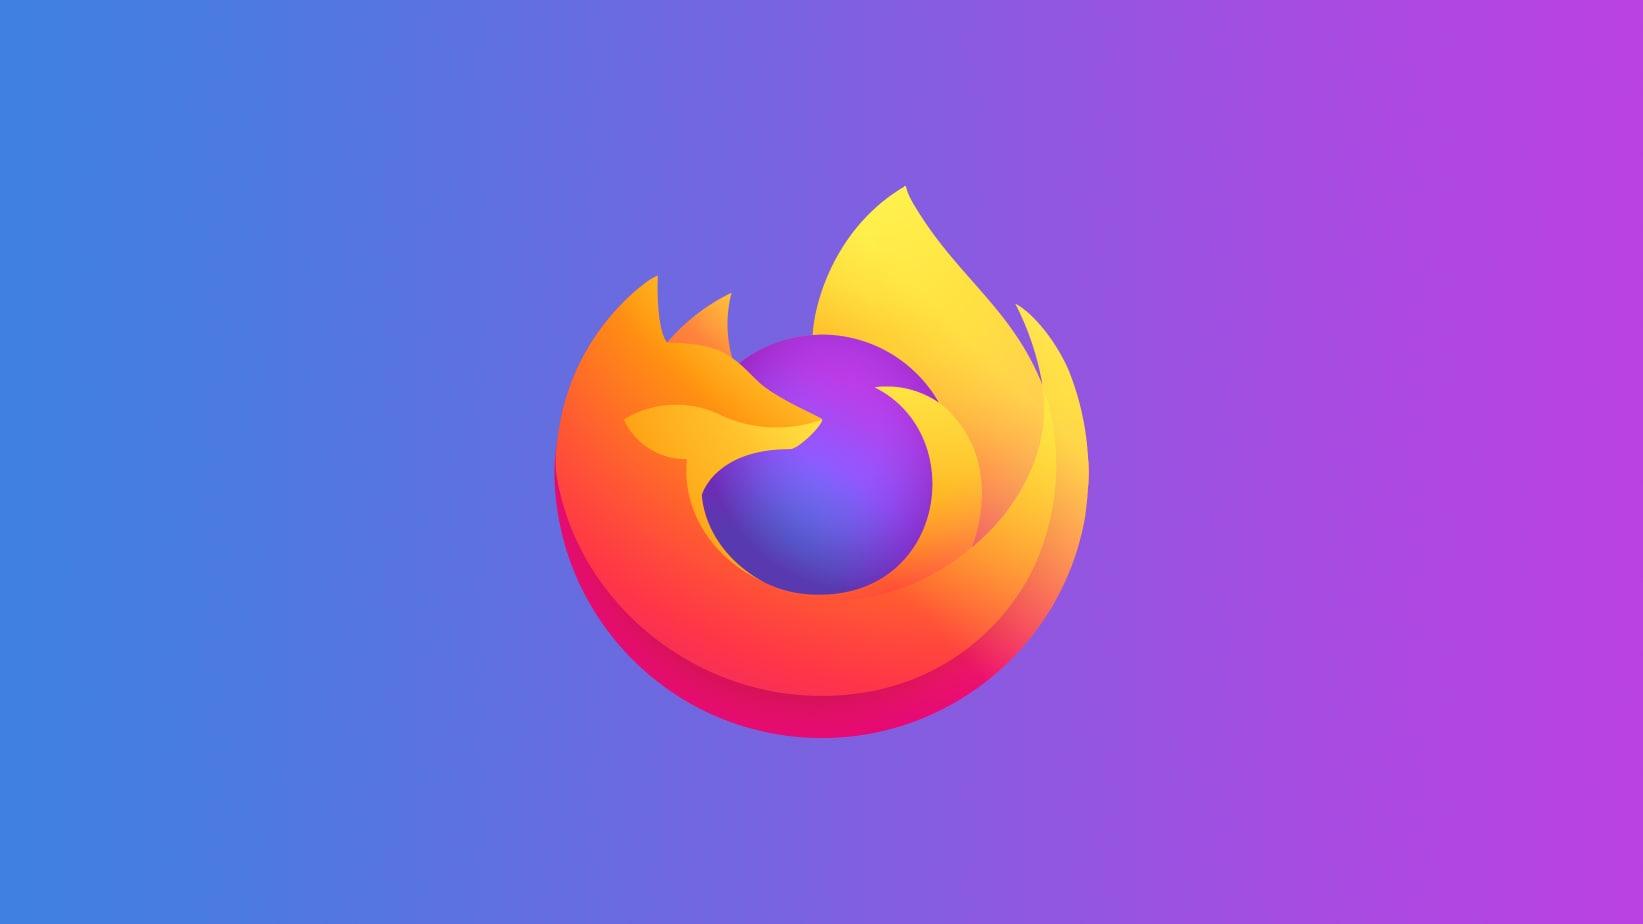 La ricerca su Firefox migliora (negli USA) grazie alla funzione Firefox Suggest